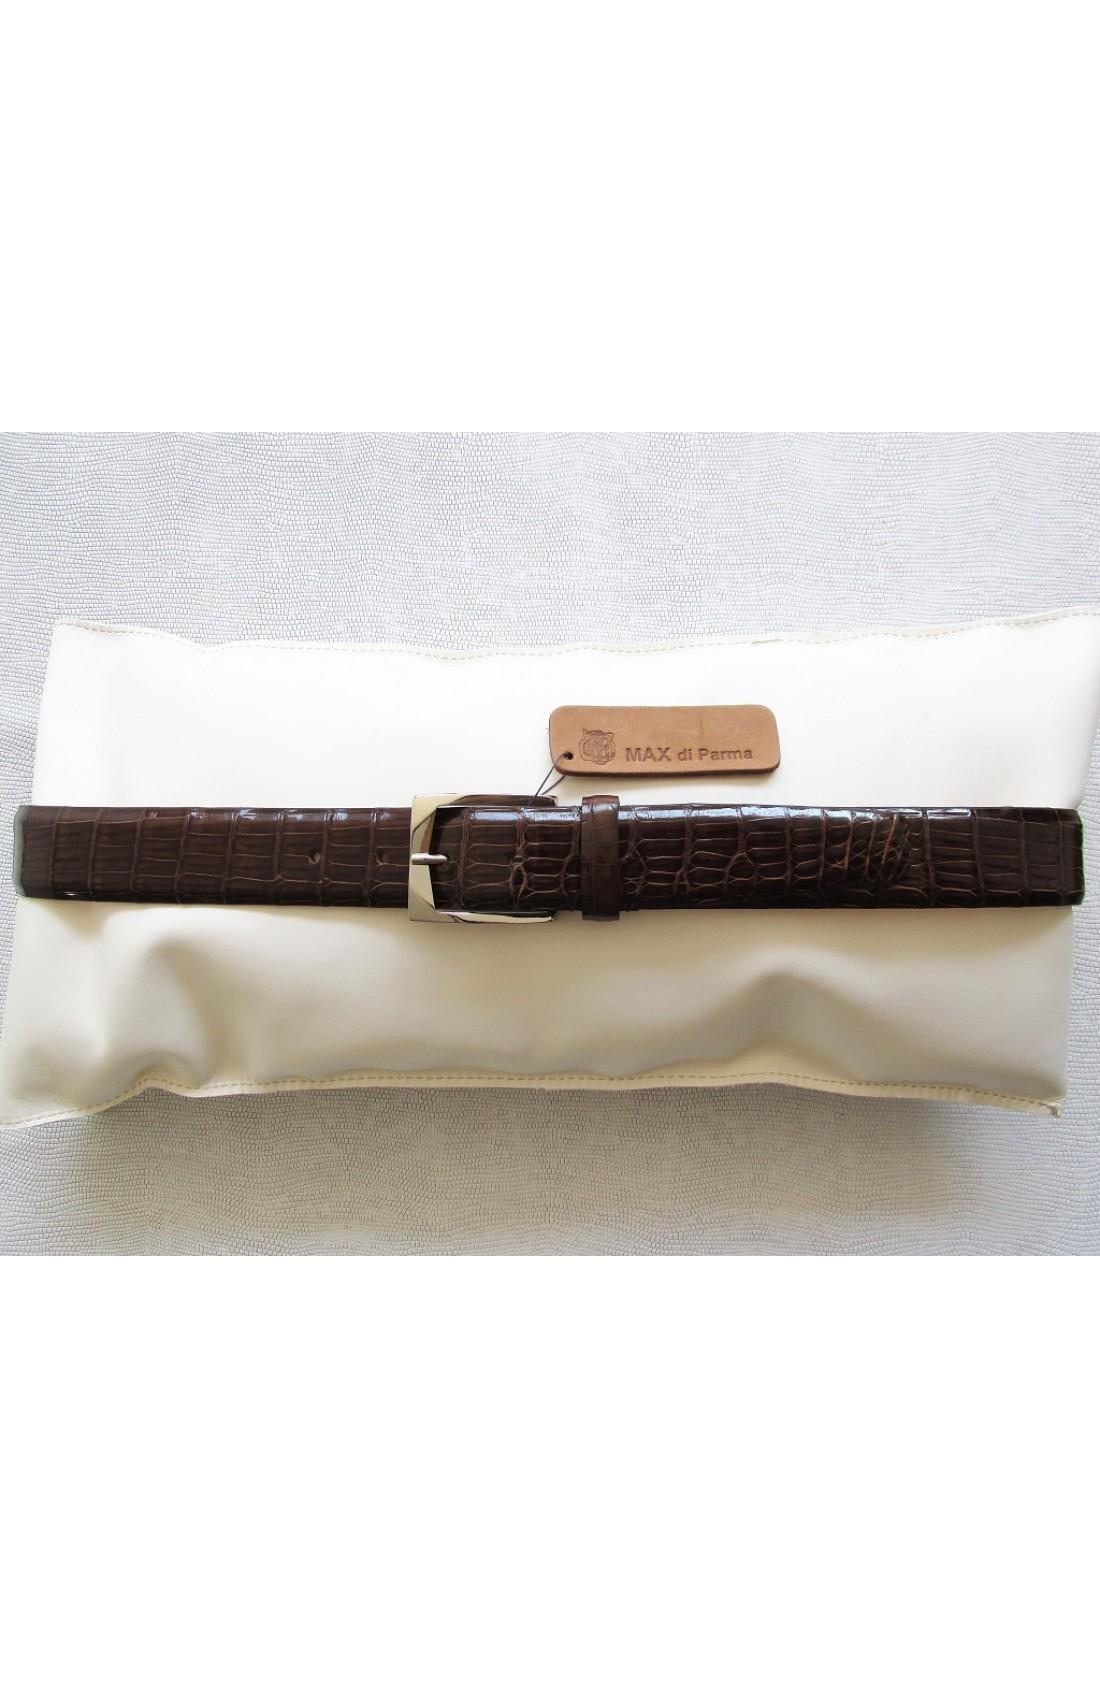 art.143 COCCODRILLO VERO codina alligatore louisiana nero mm.35 var.22 legno fibbia Z 27 mm.35 nikel free (4)